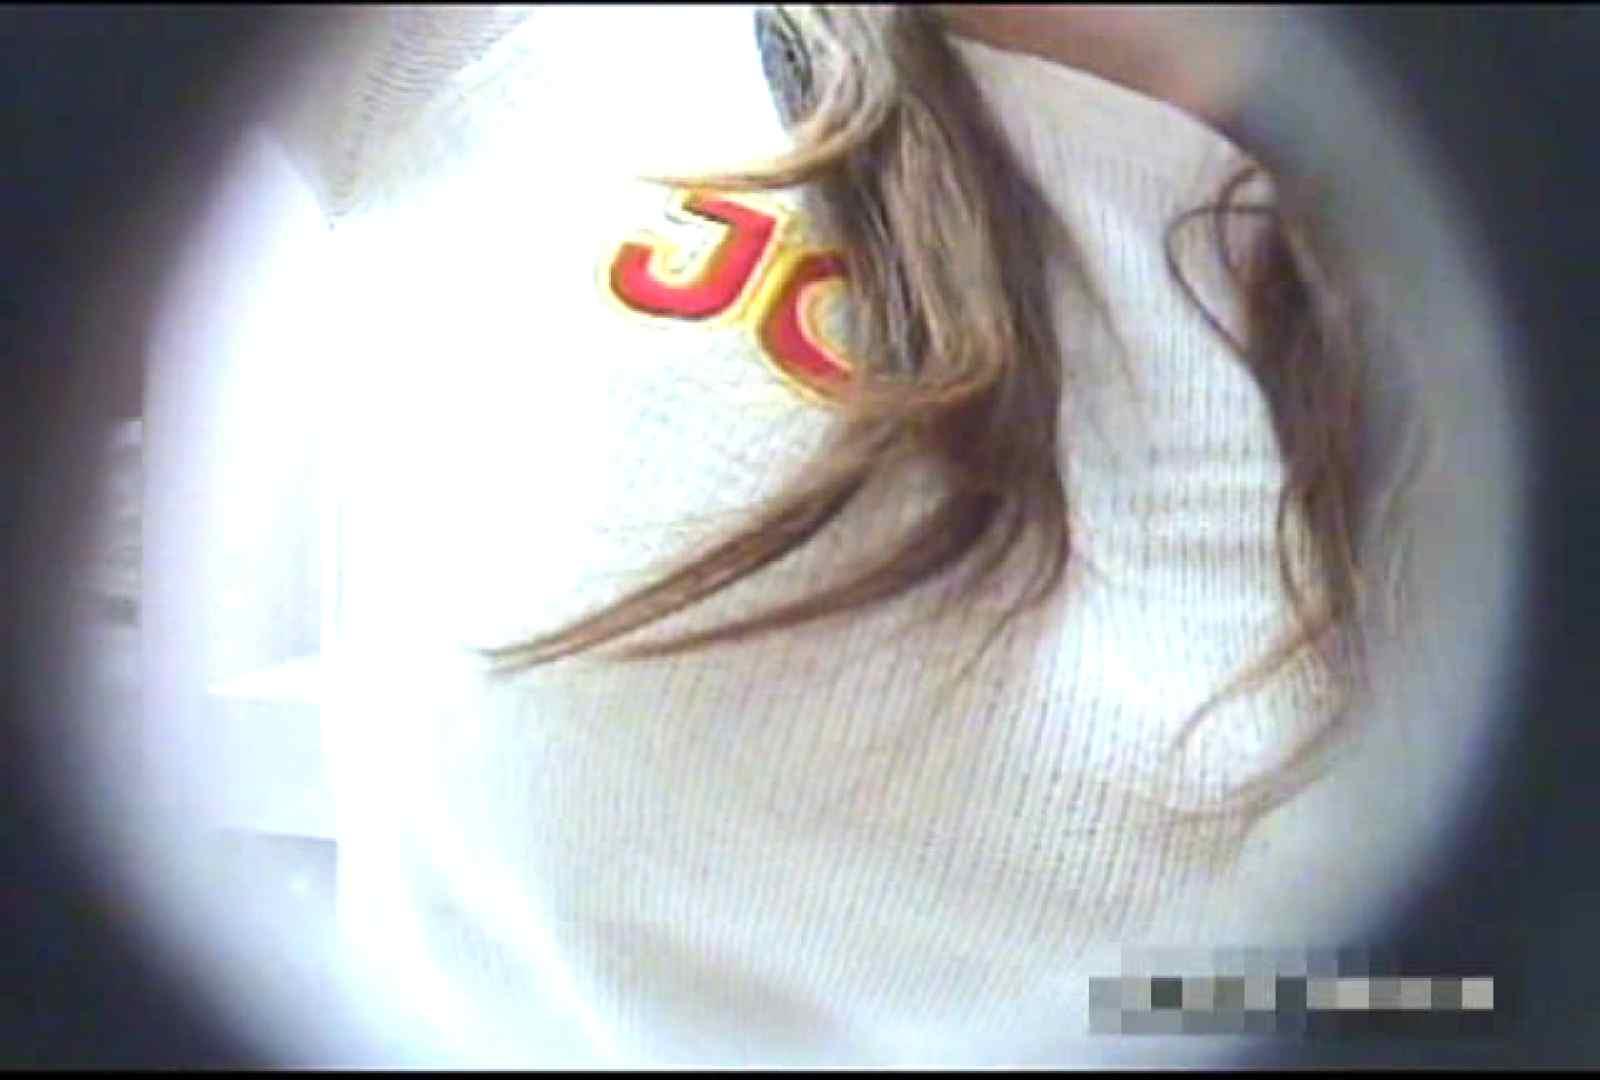 ショップ店長流出!!変態下着を買い漁る女達!Vol.1 裸体 覗きおまんこ画像 88pic 70